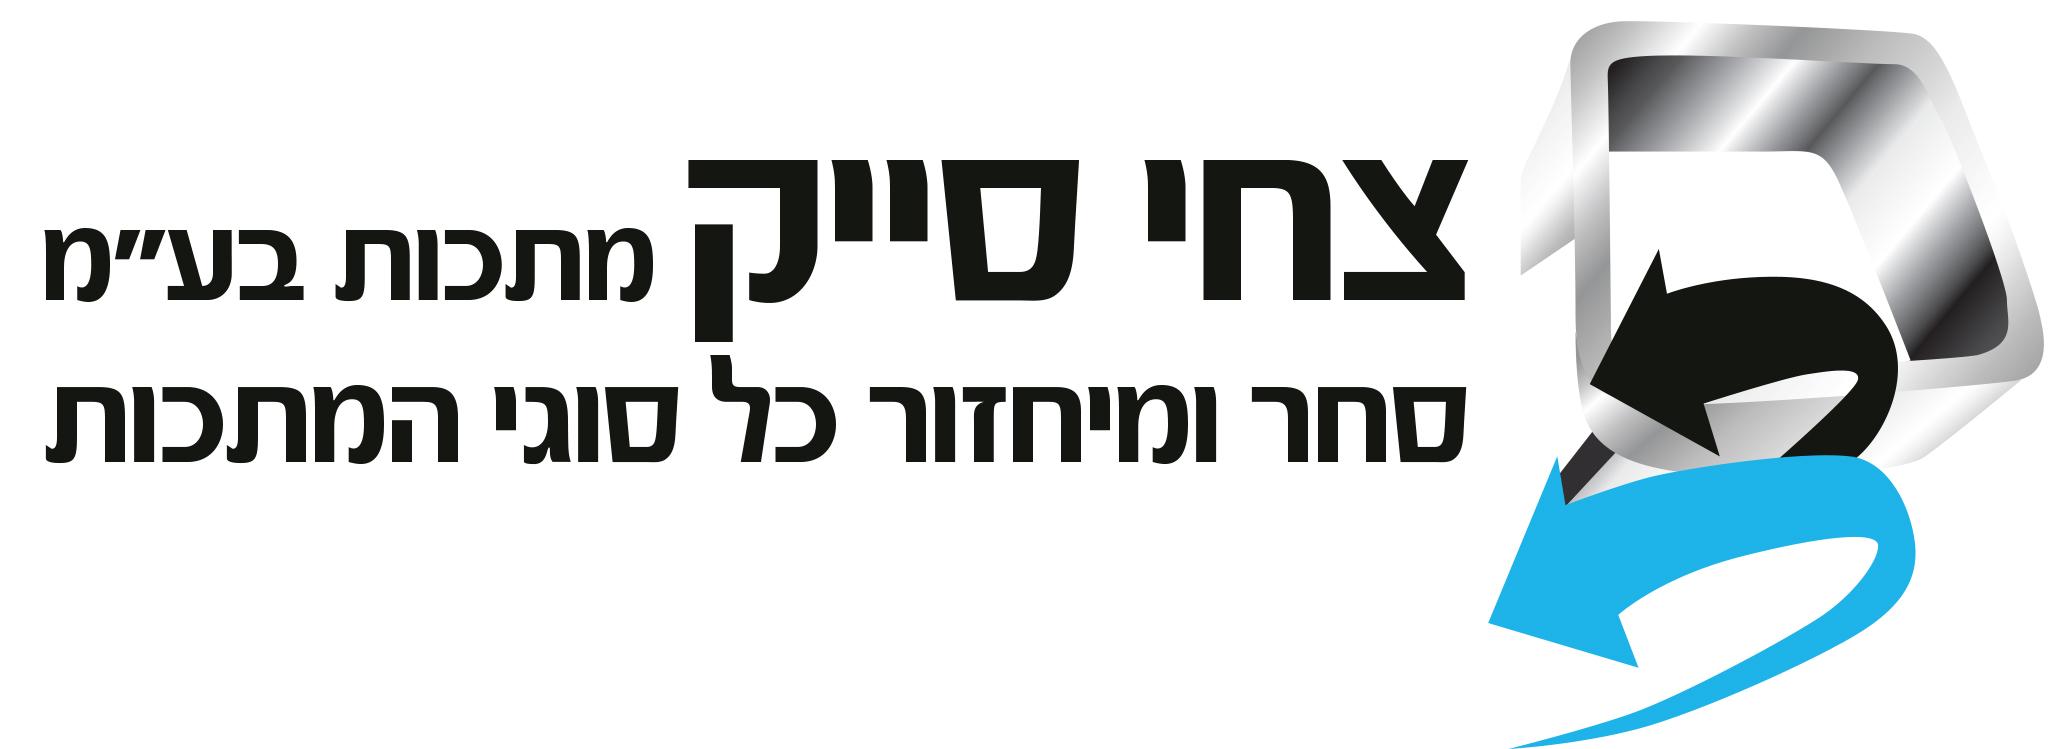 cohen yakim logo